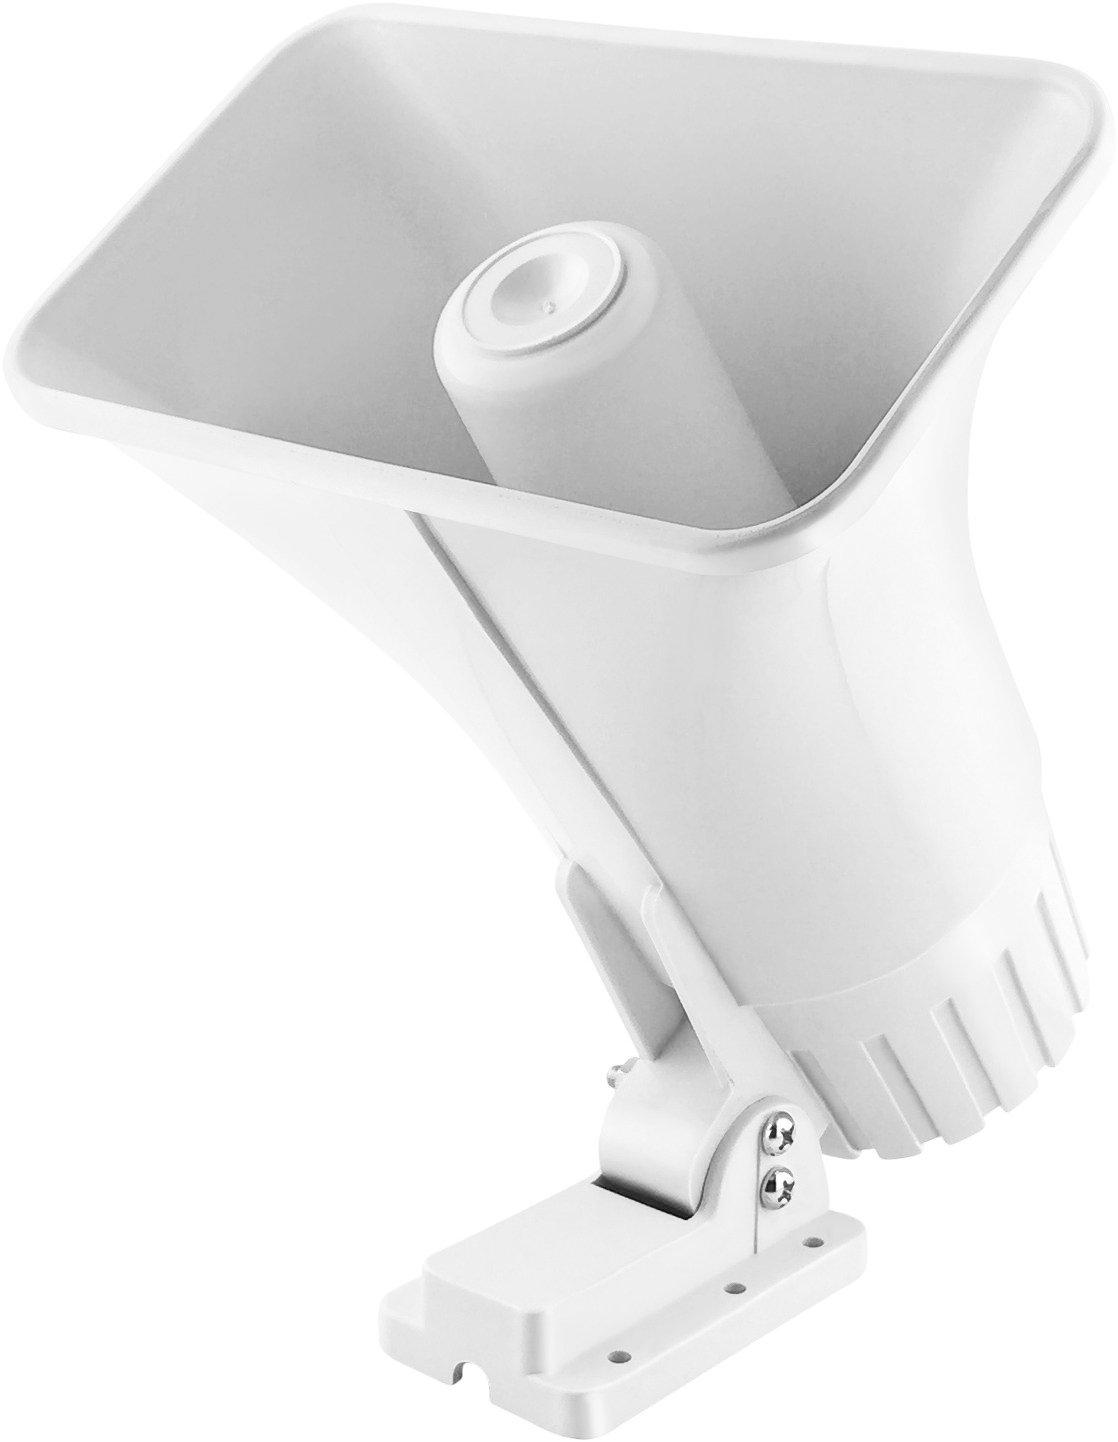 XINFLY Sartén de seguridad electrónica con cable para sirena, 2 tonos, para interior y exterior, con soporte, 30 W, 12 V CC, para sistema de protección de seguridad en el hogar